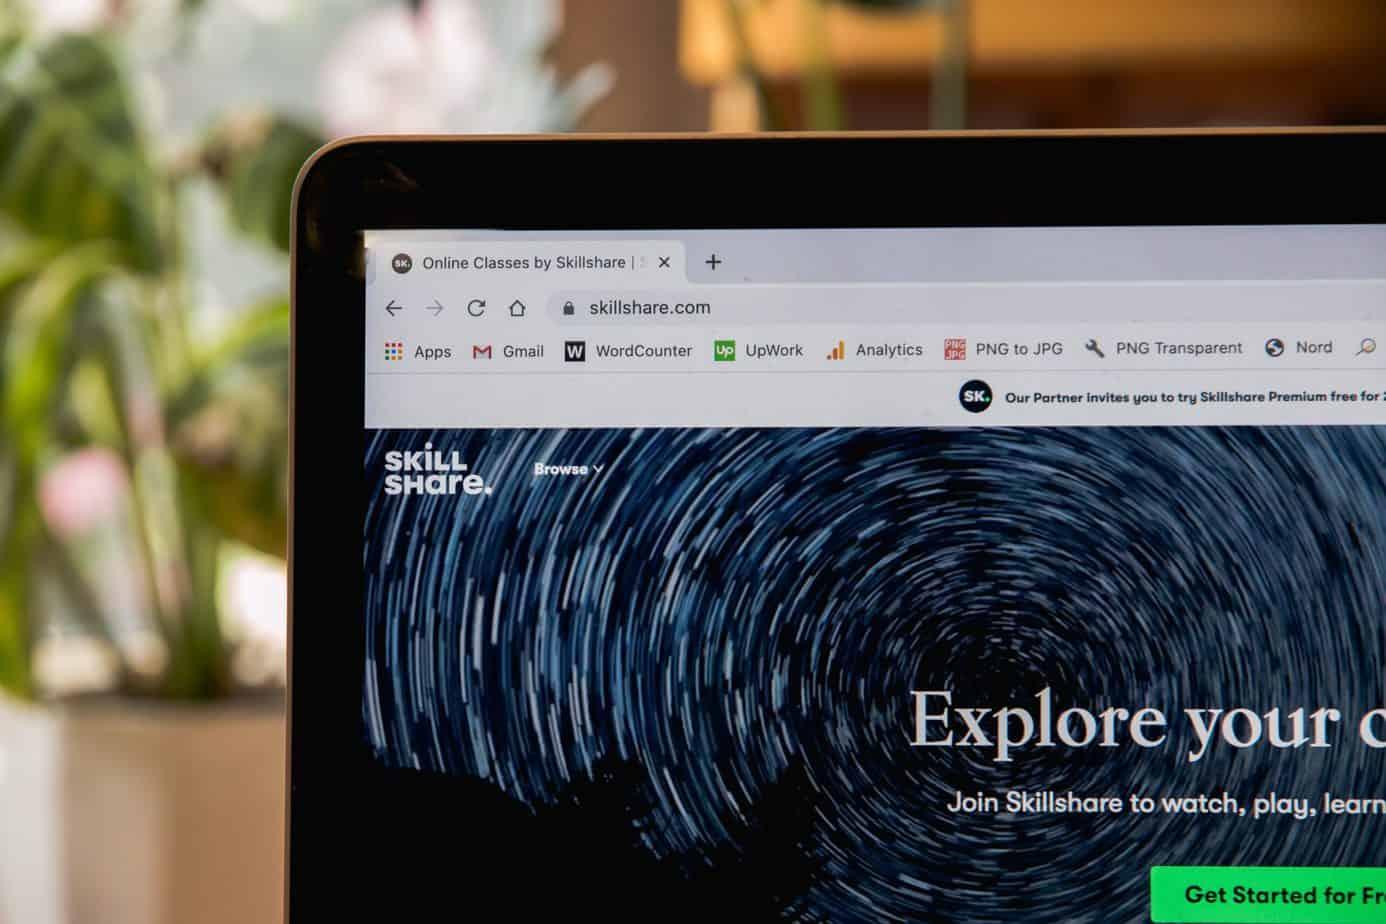 Skillshare e-learning platform open on laptop.